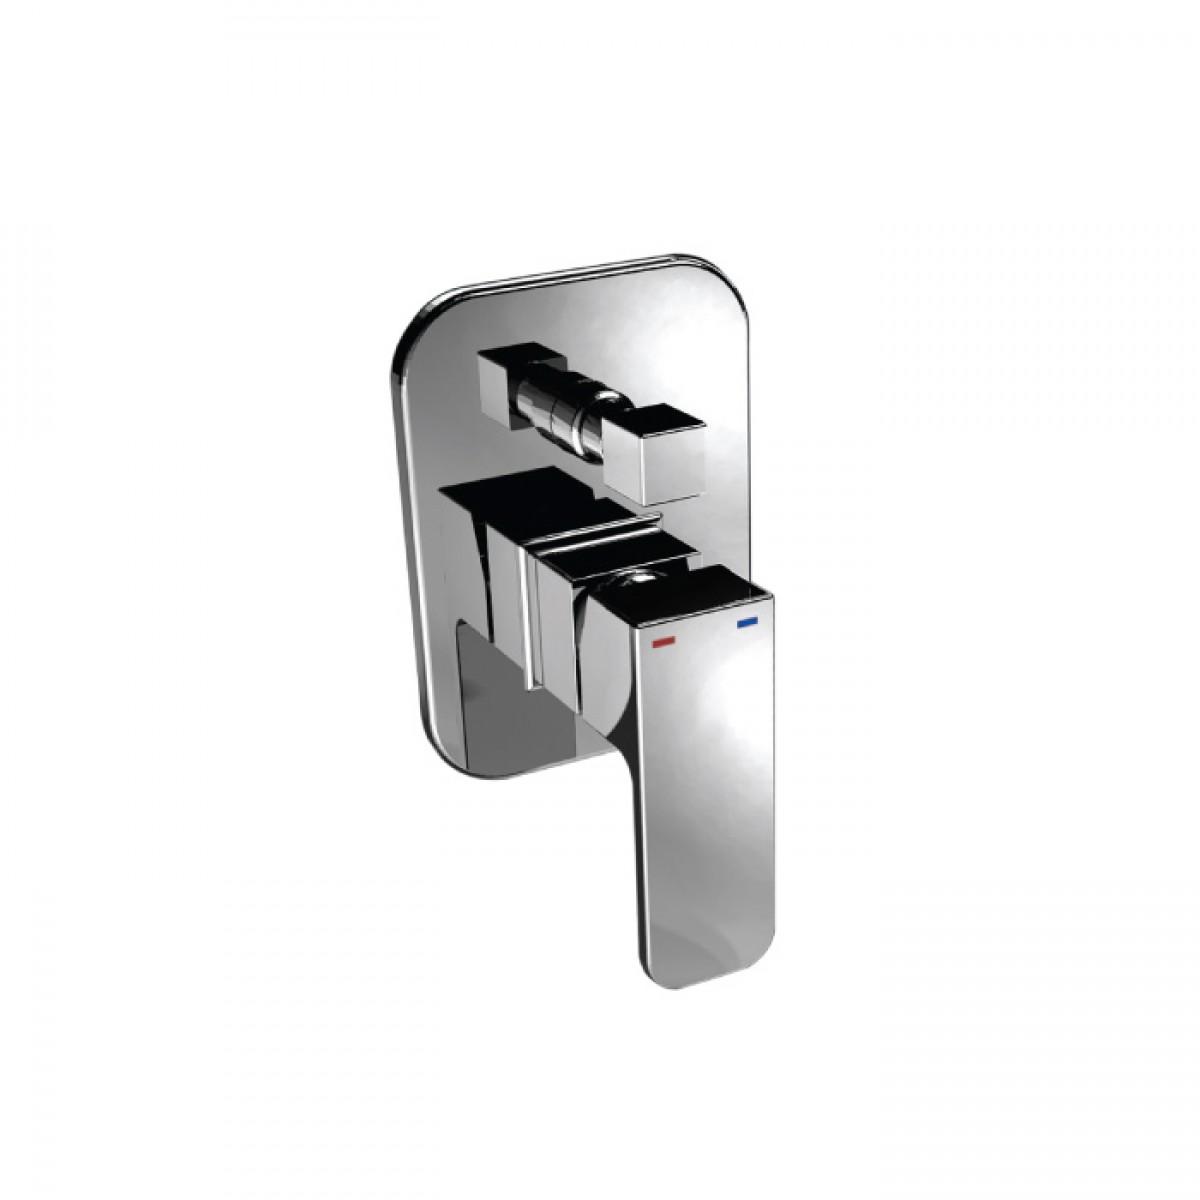 Змішувач Аква Родос TERRA хром прихованого монтажу для ванни з перемикачем